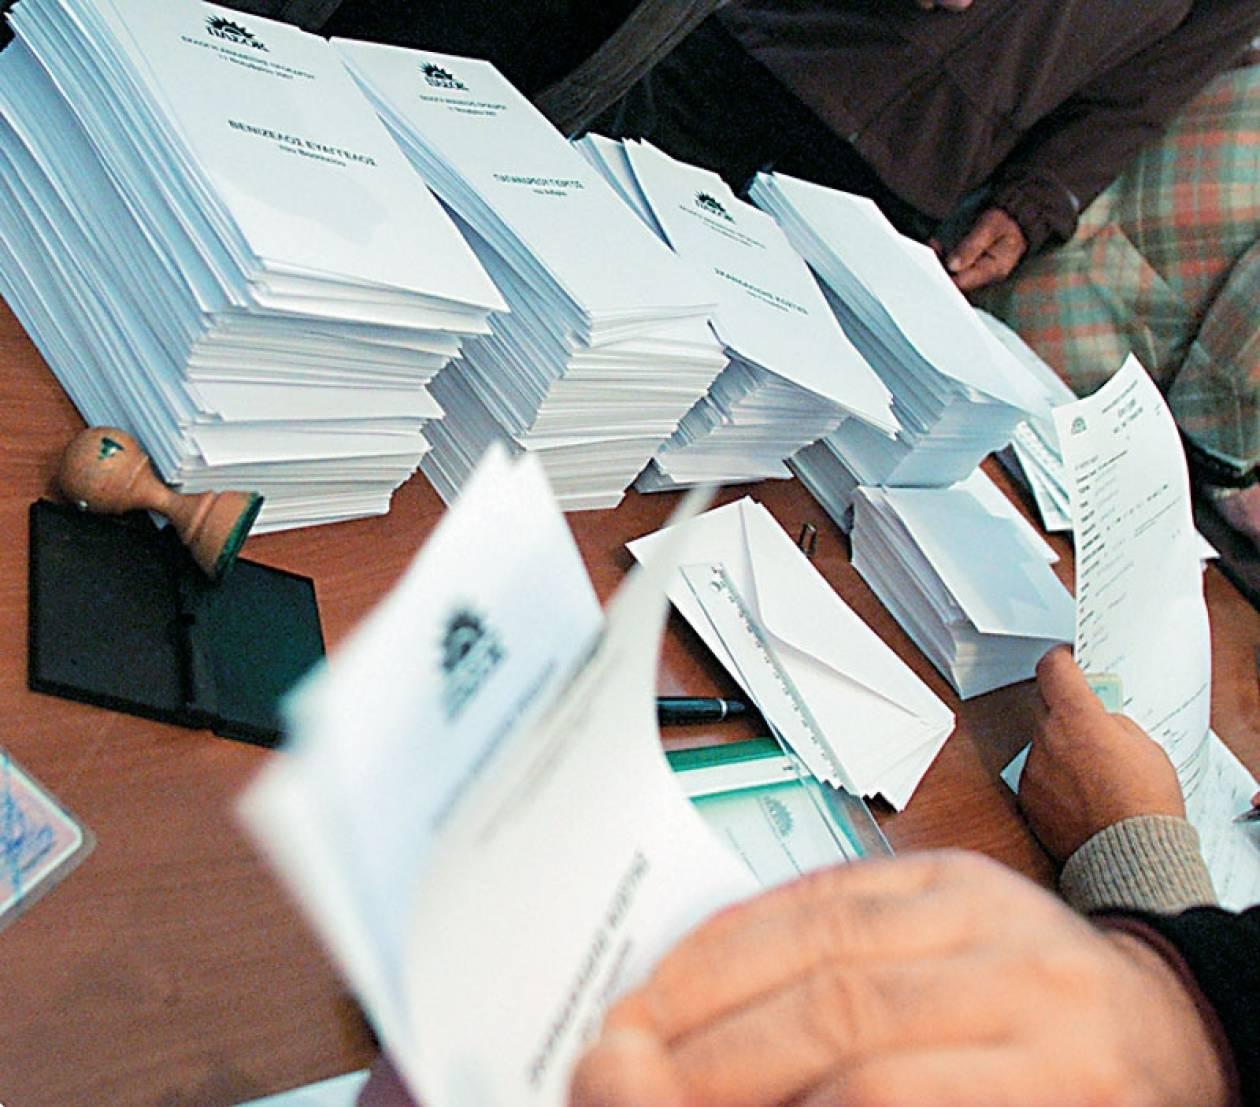 Ξάνθη: Χωρίς εφορευτική επιτροπή πολλά εκλογικά τμήματα